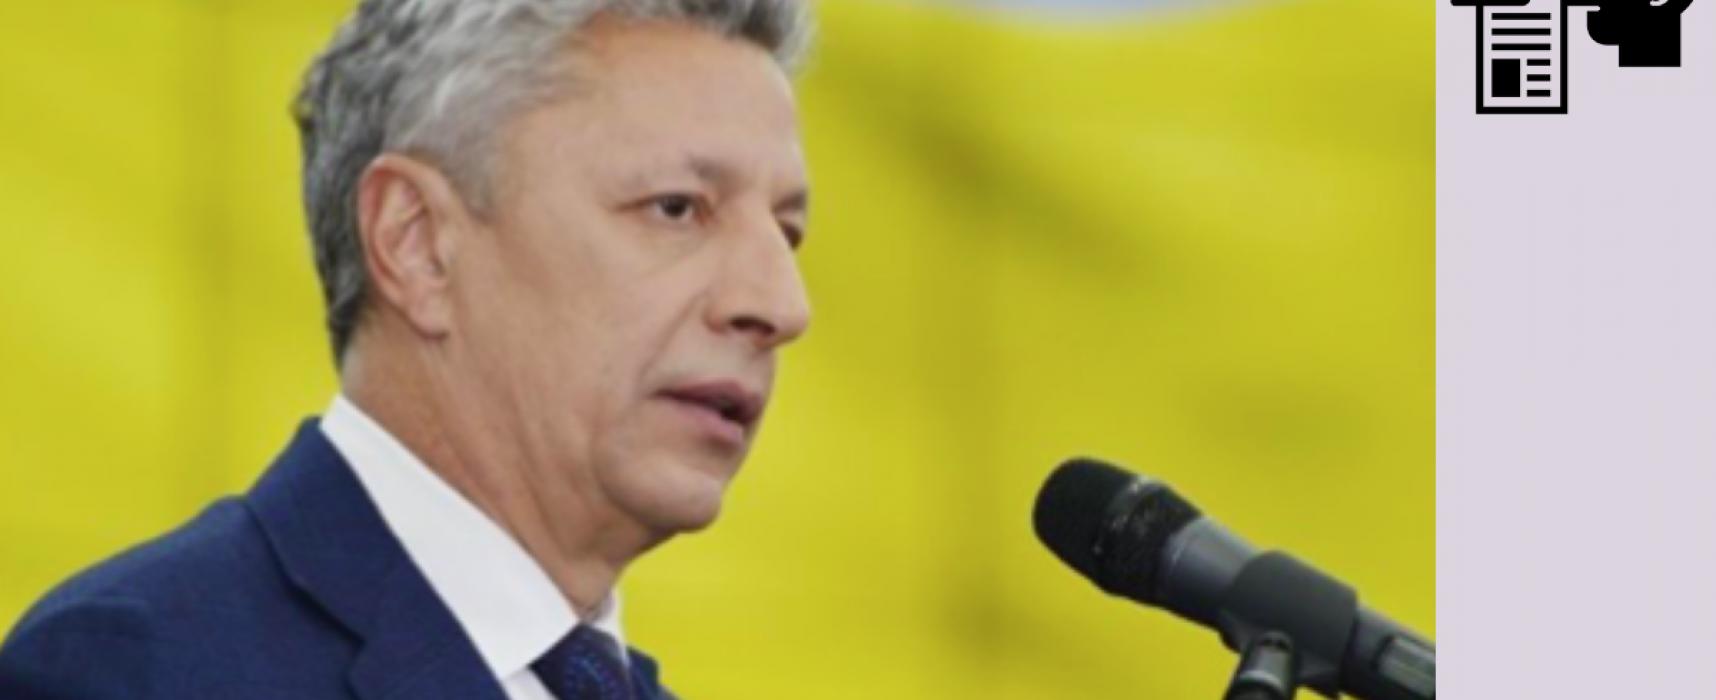 Фейк: Бельгійські соціологи прогнозують Юрію Бойку третє місце у першому турі президентських виборів